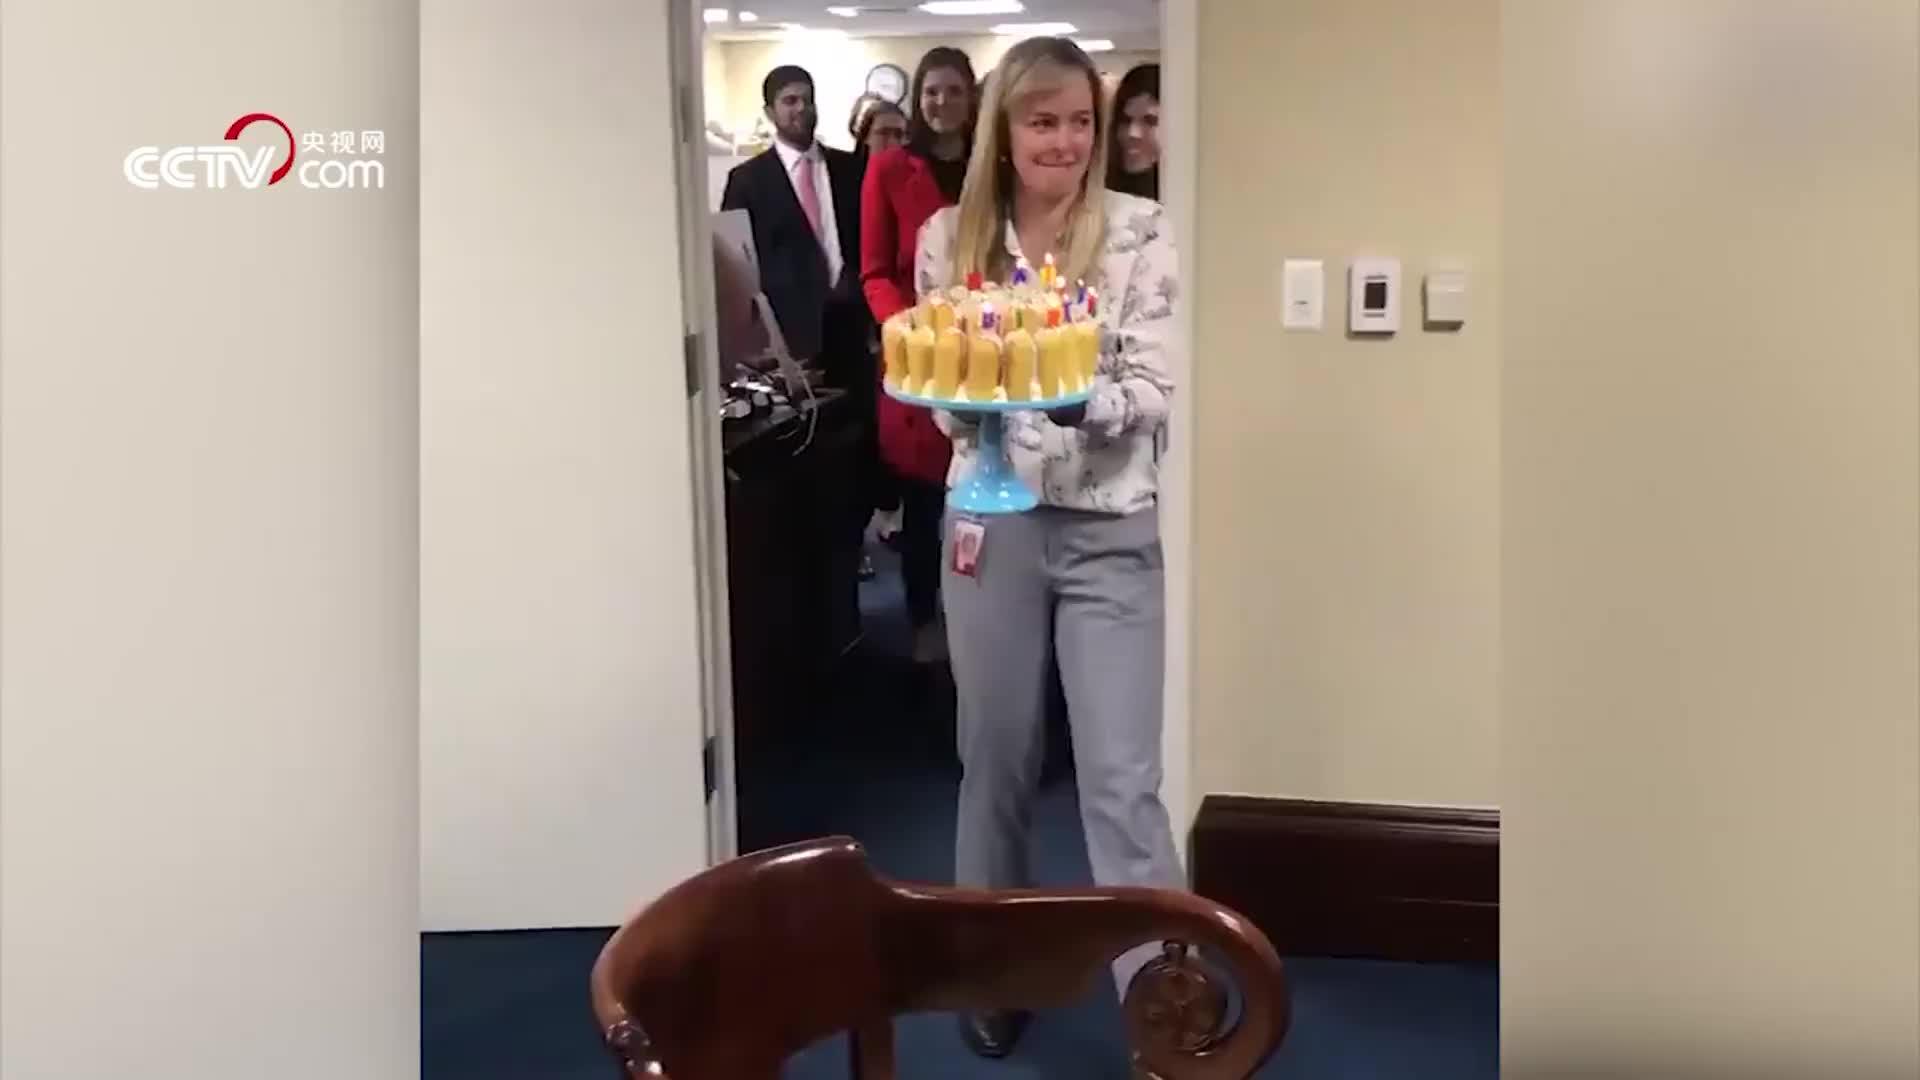 [视频]美国参议员罗姆尼庆祝72岁生日 吹蜡烛方式如此特别